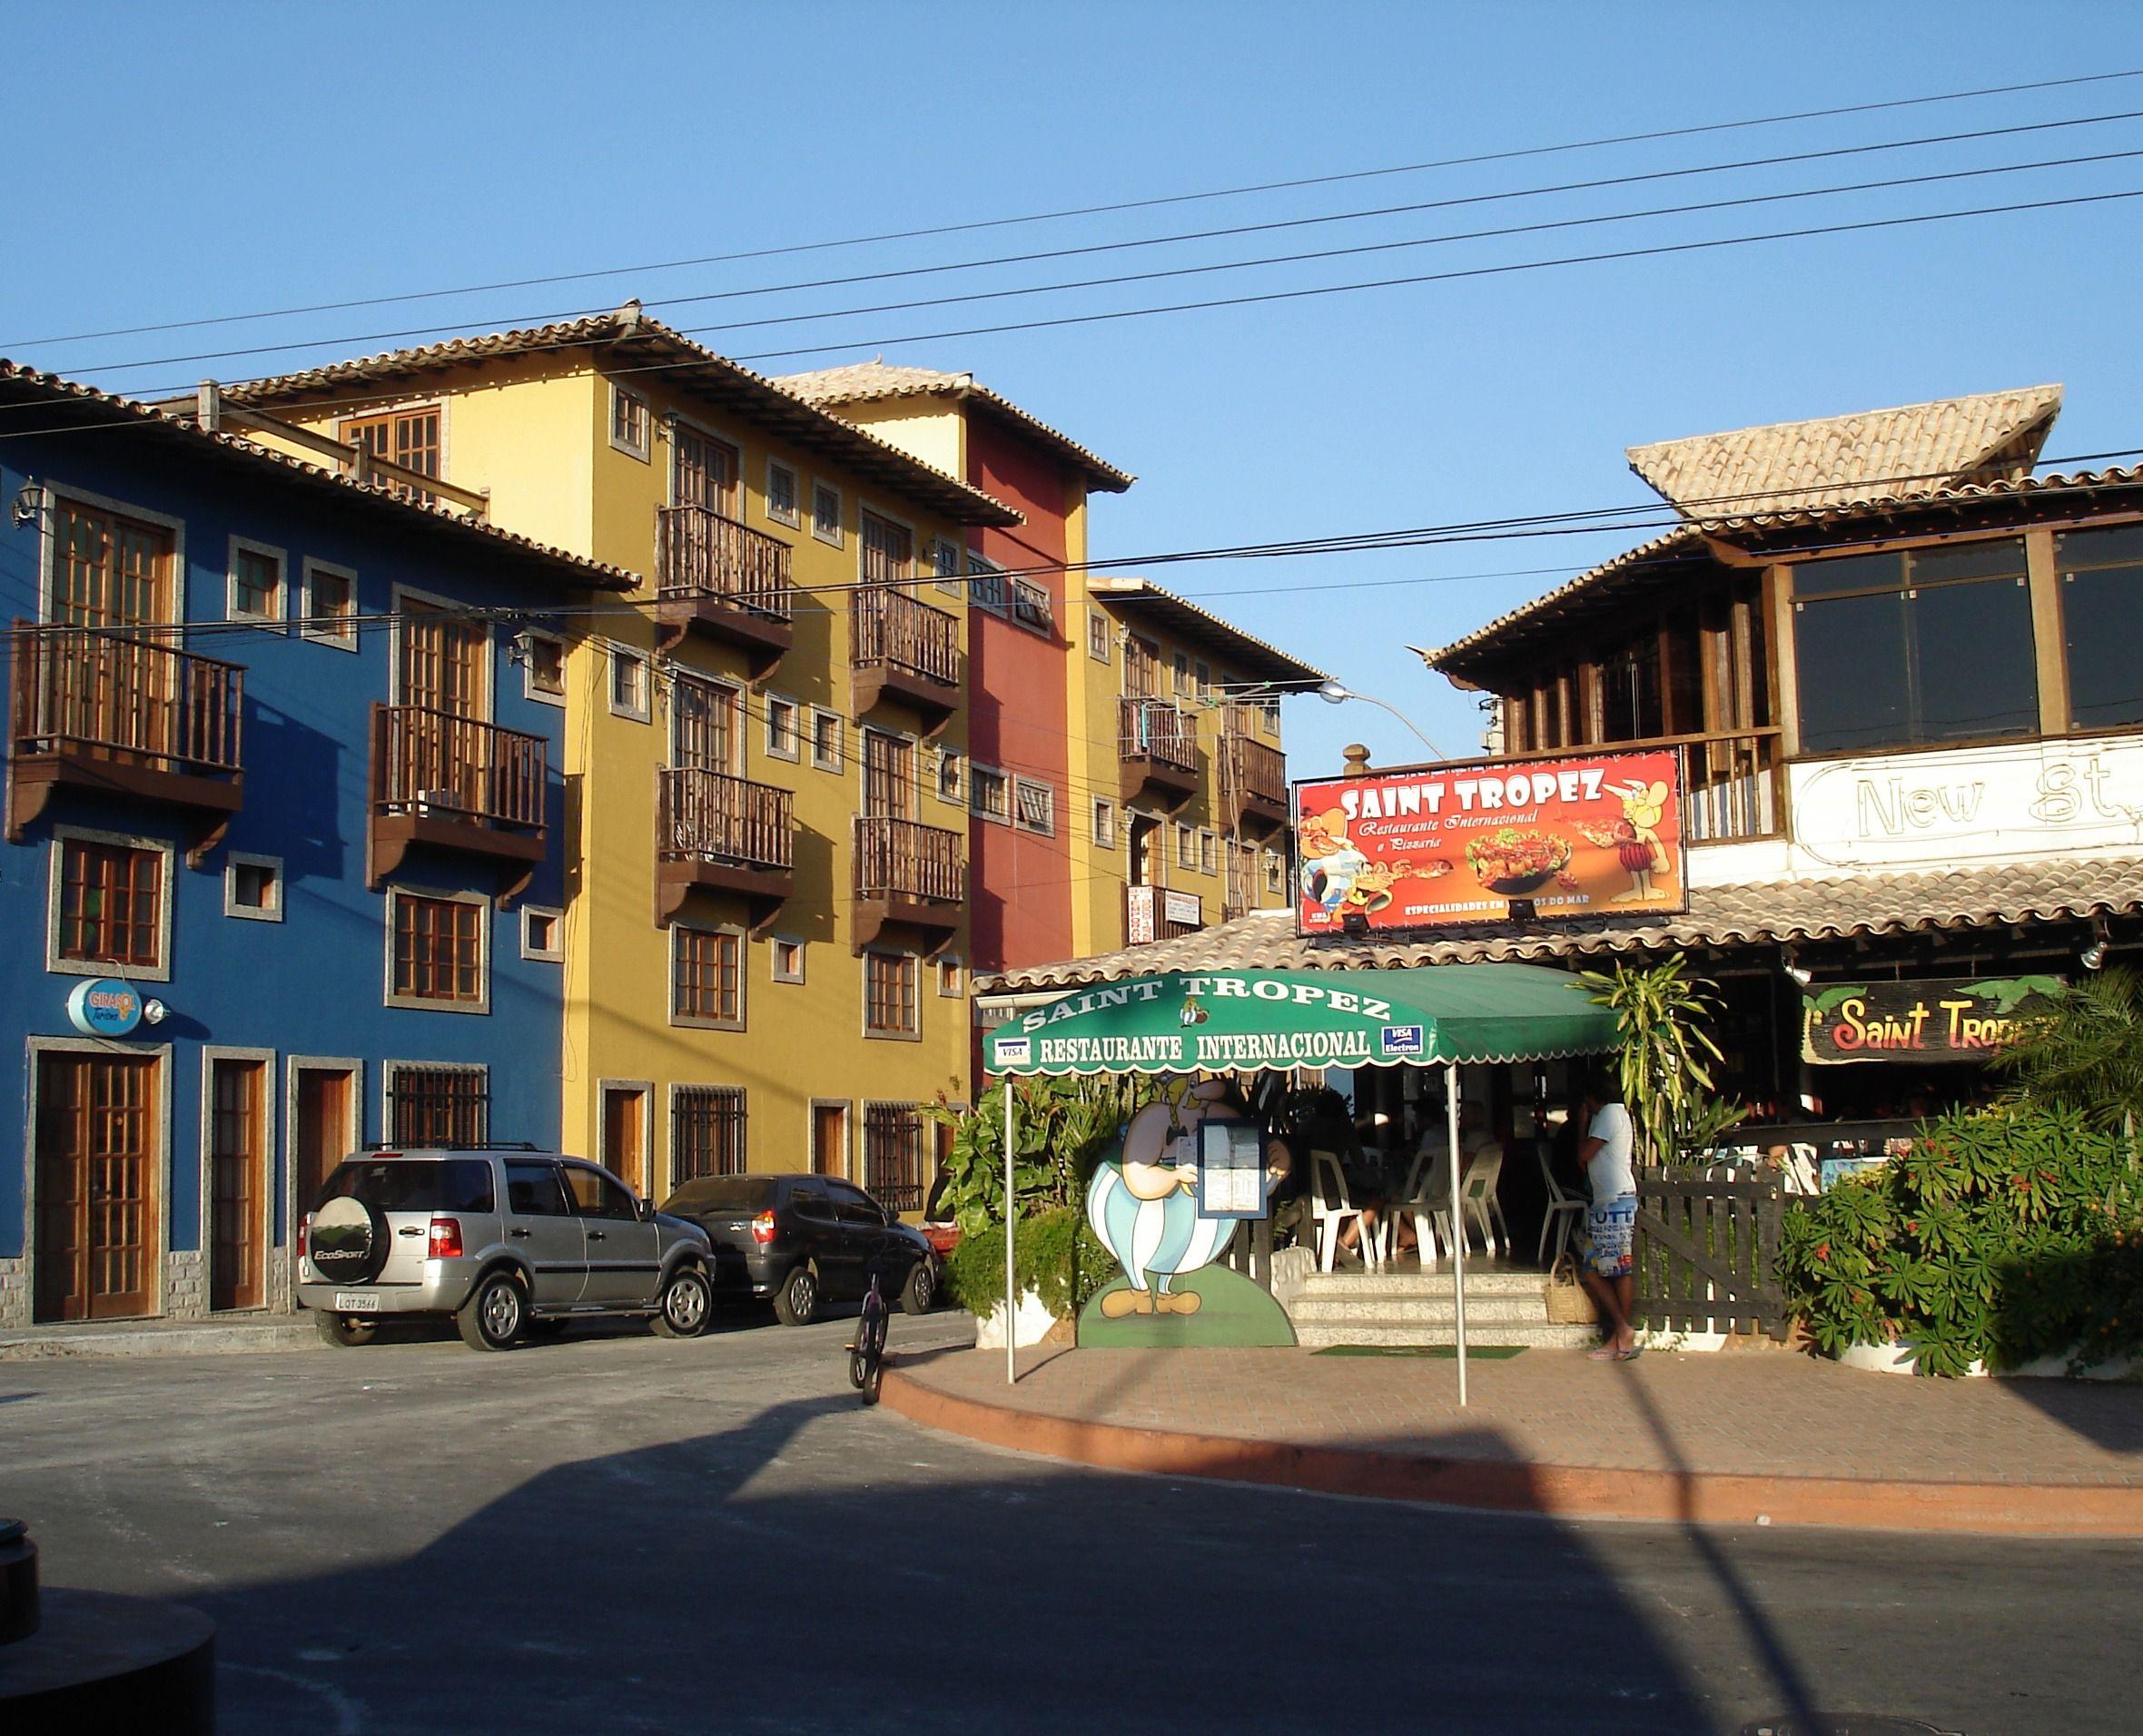 El Pueblo De Los Cabos Tambien Tiene Lo Suyo Downtown Cabo Mexico Bello Turismo Vacaciones Playa Descanso Viaje Bonito Los Cabos Pinterest Cabo